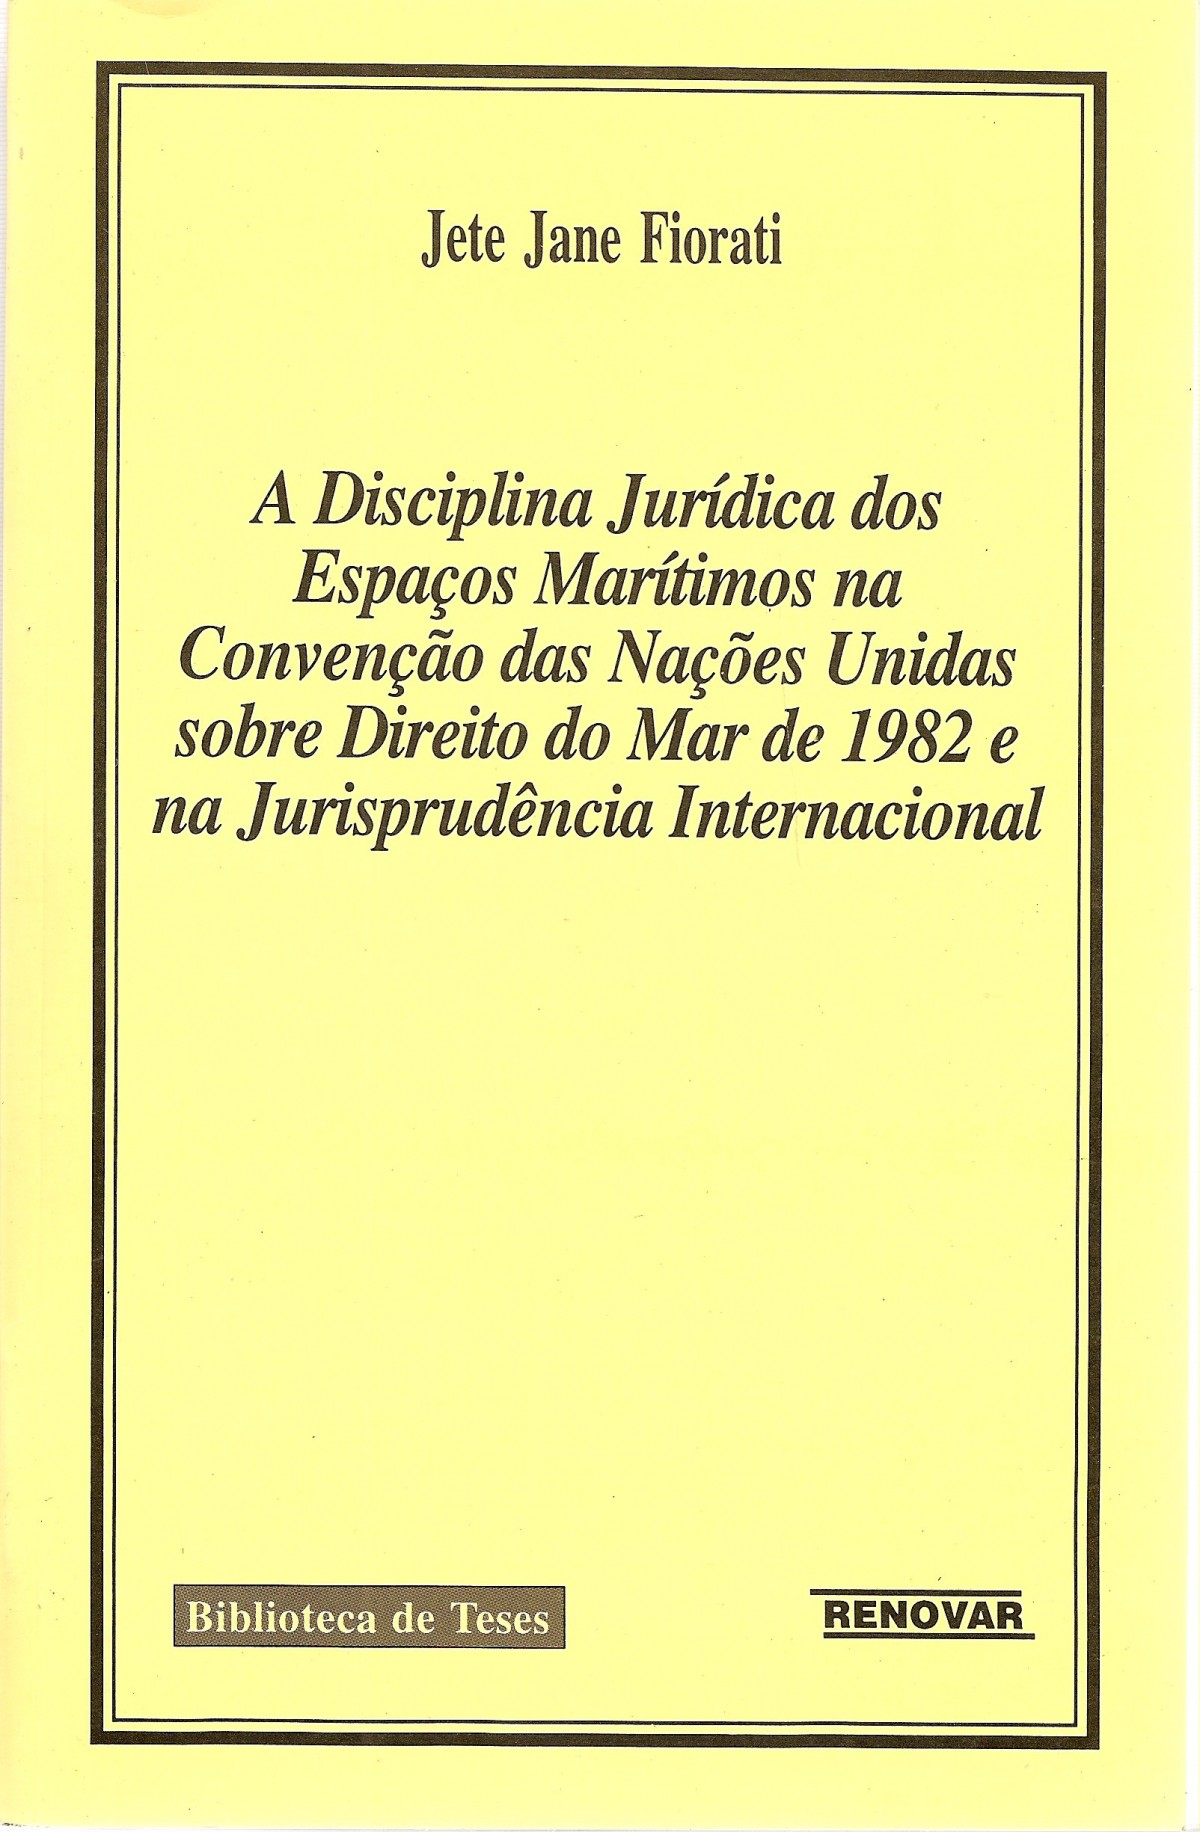 Foto 1 - A disciplina jurídica dos espaços marítimos na Convenção das Nações Unidas sobre direito do mar de 1